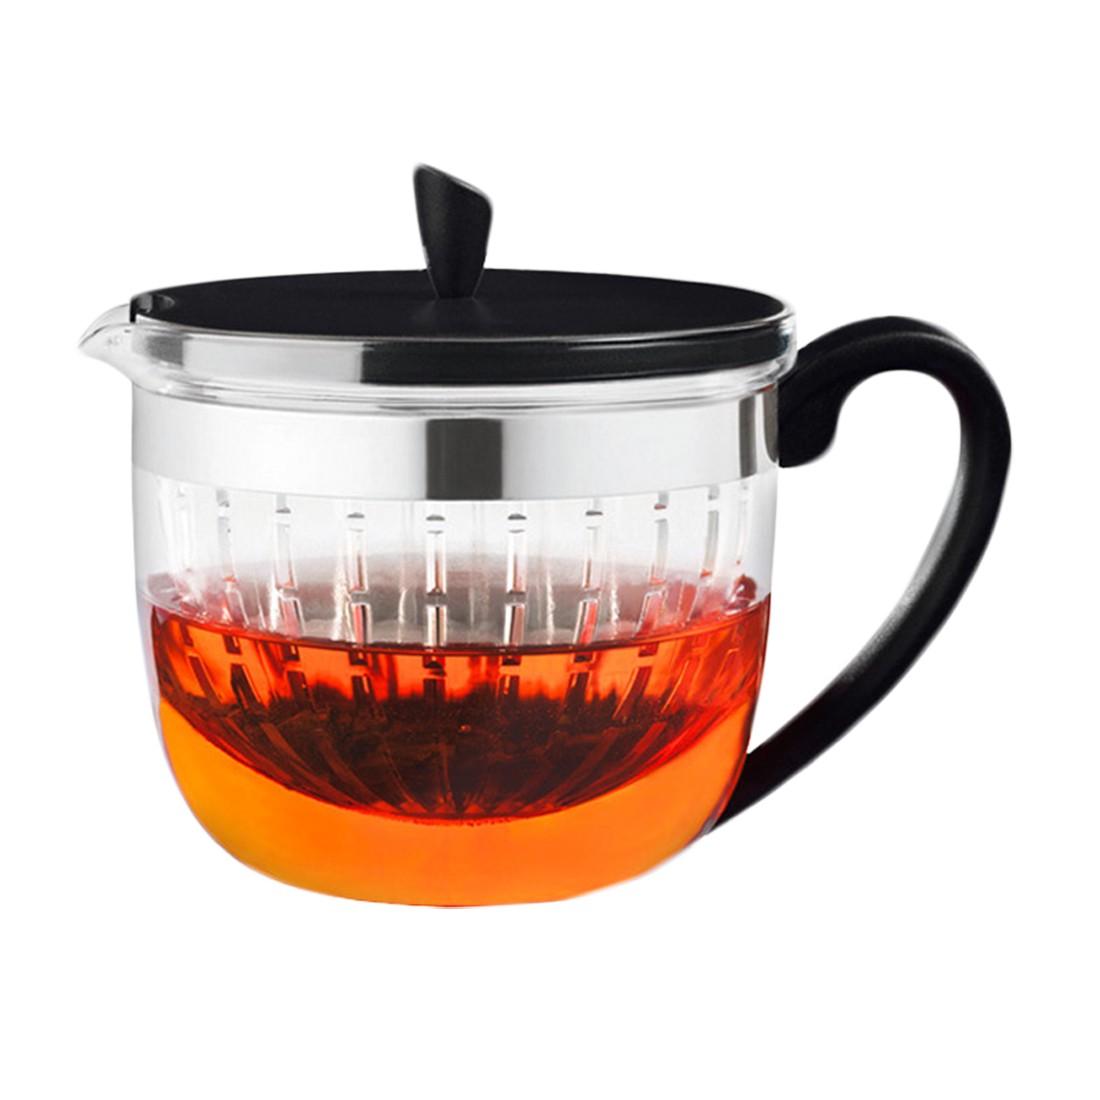 Teekanne Perfect mit Sieb – Kanne: Borosilikatglas, Deckel: Kunststoff Schwarz – 1 Liter, Rastal günstig online kaufen